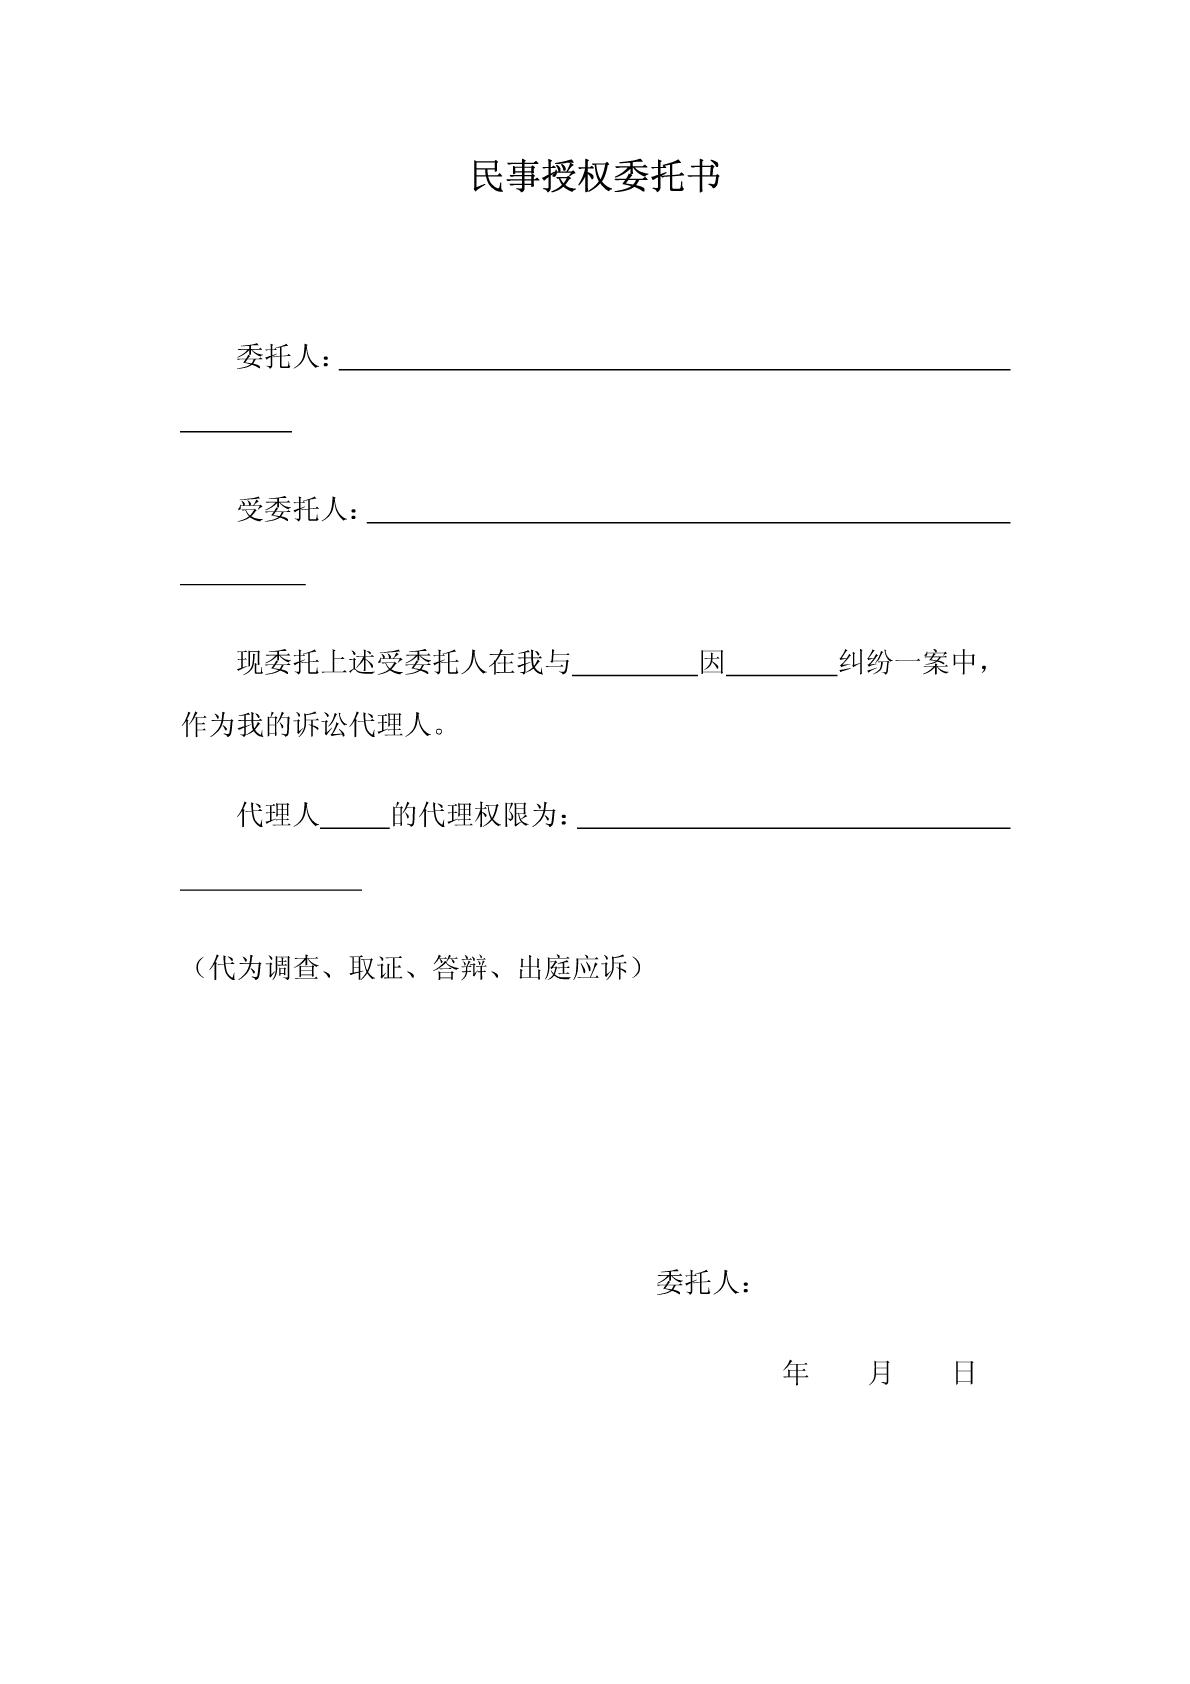 文档网 所有分类 表格 模板 合同协议 民事起诉书格式 个人 第3页